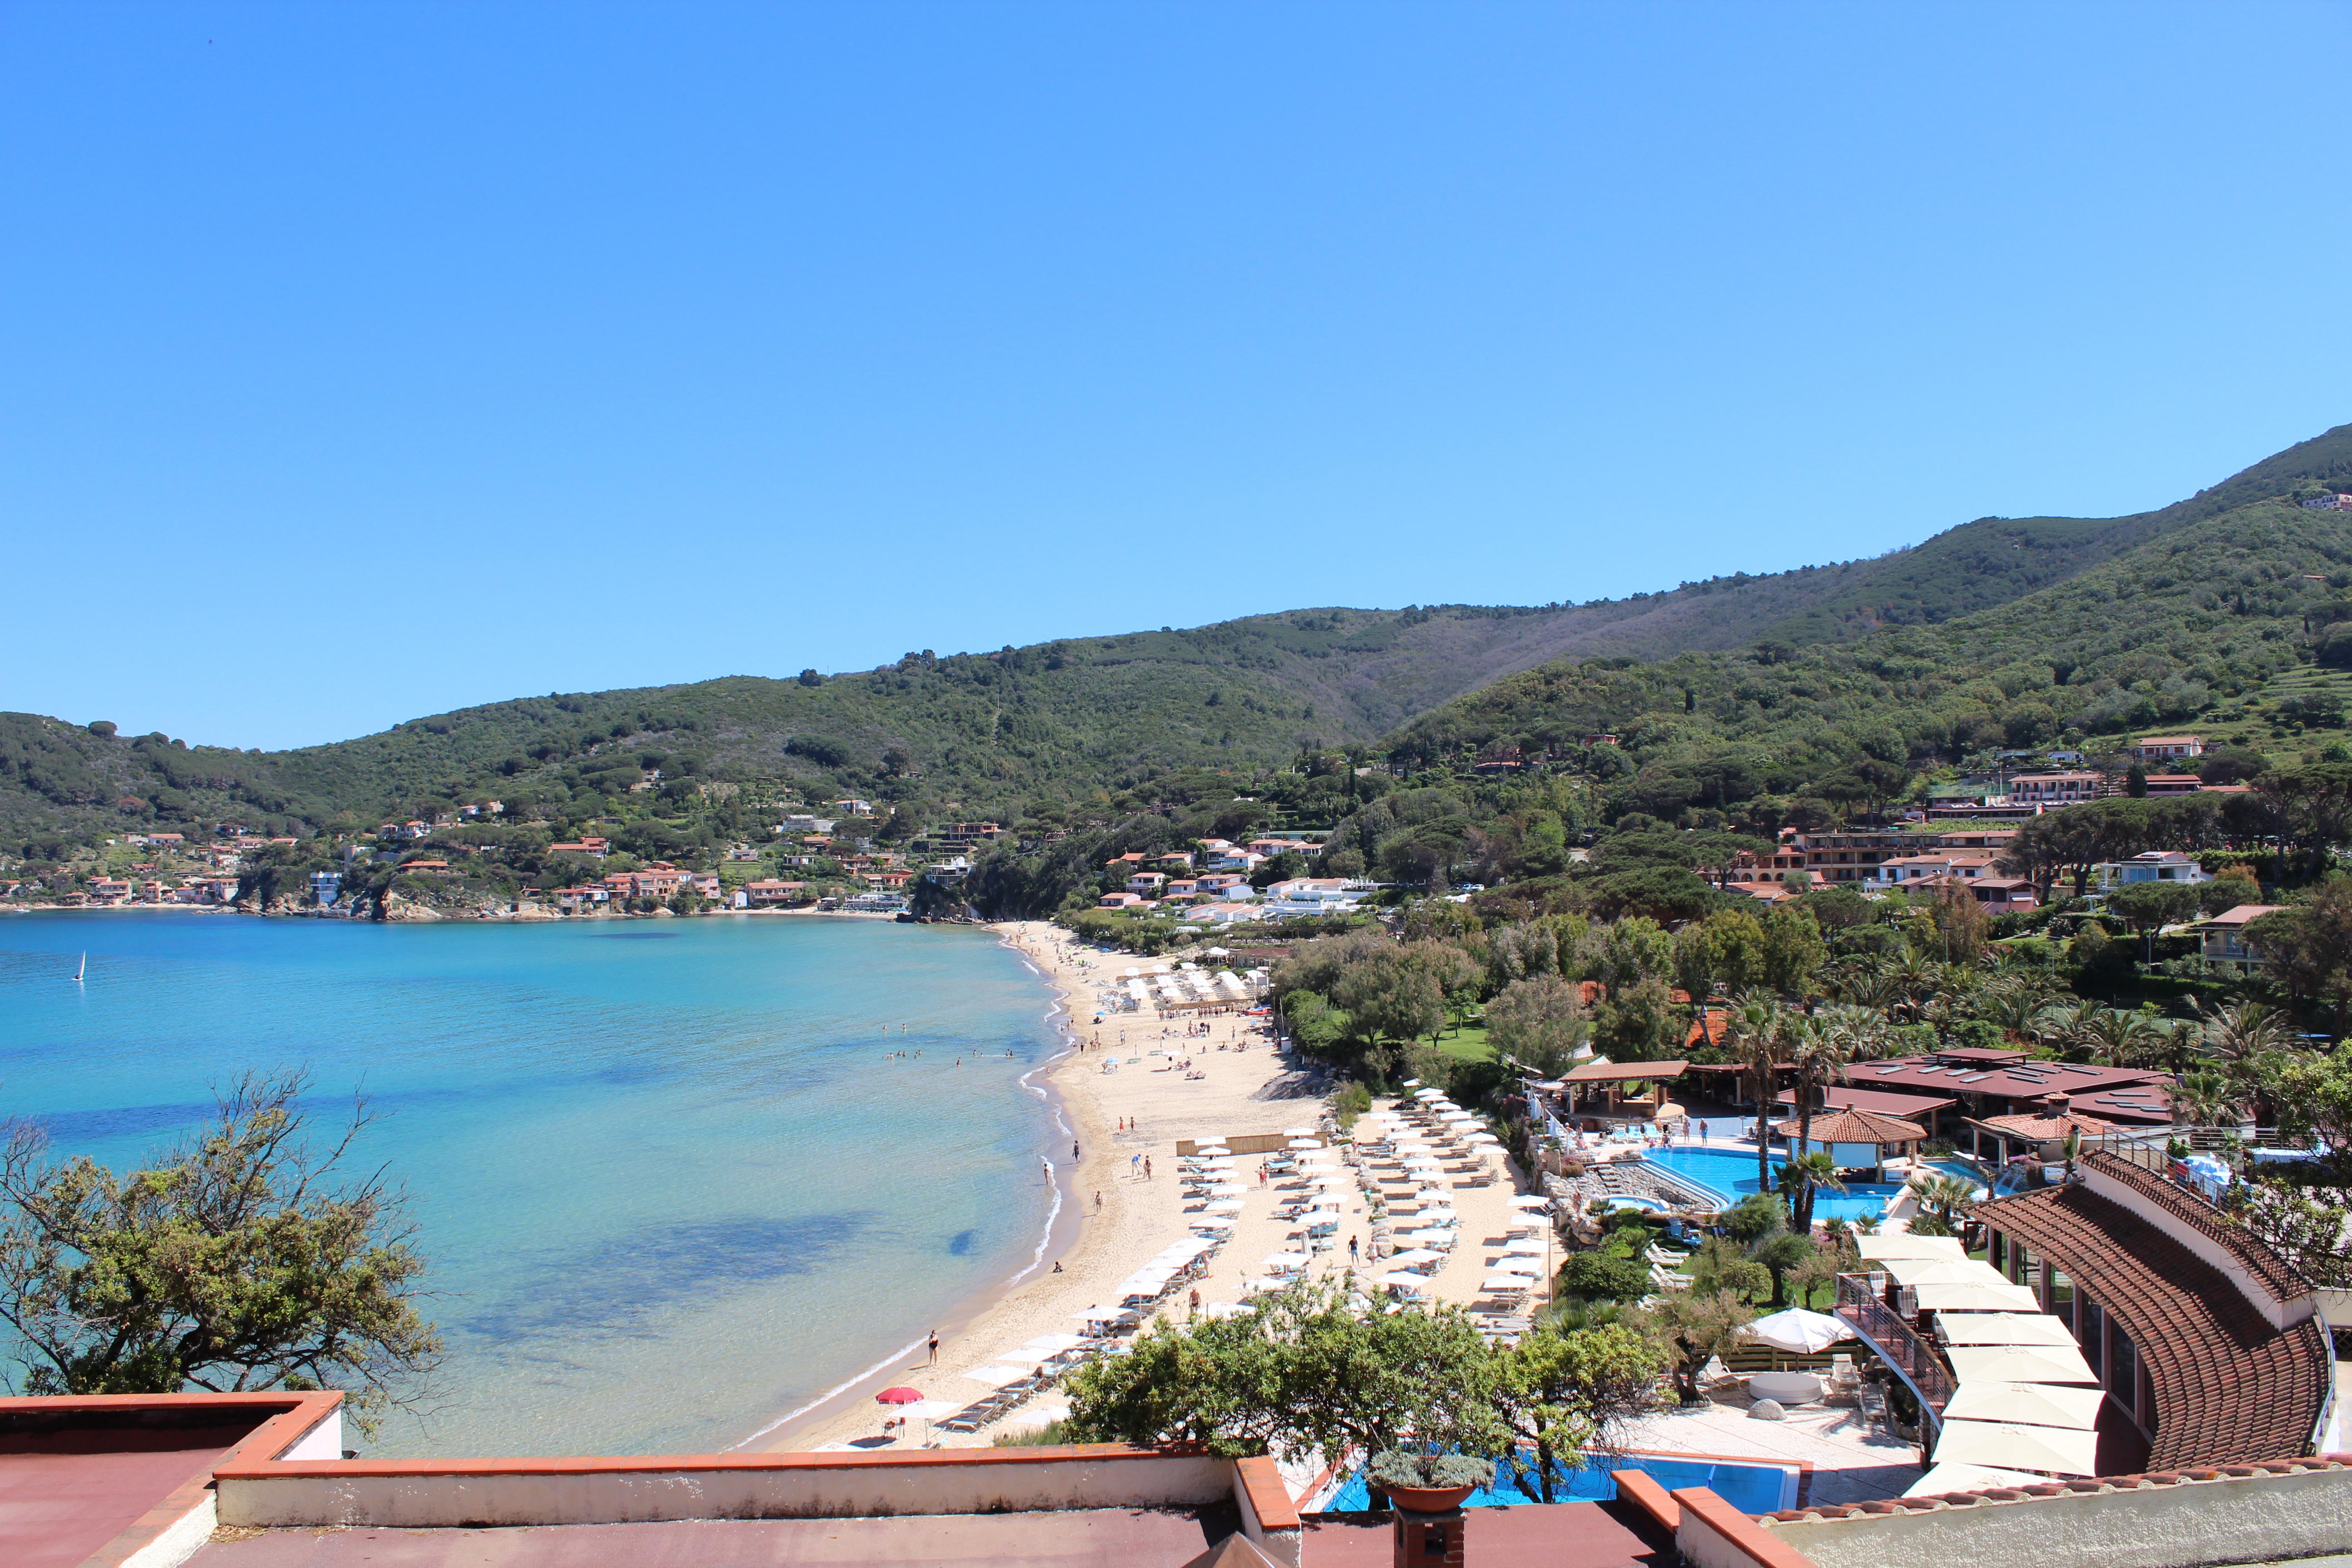 Una veduta panoramica dell'Hermitage all'Elba e della baia della Biodola